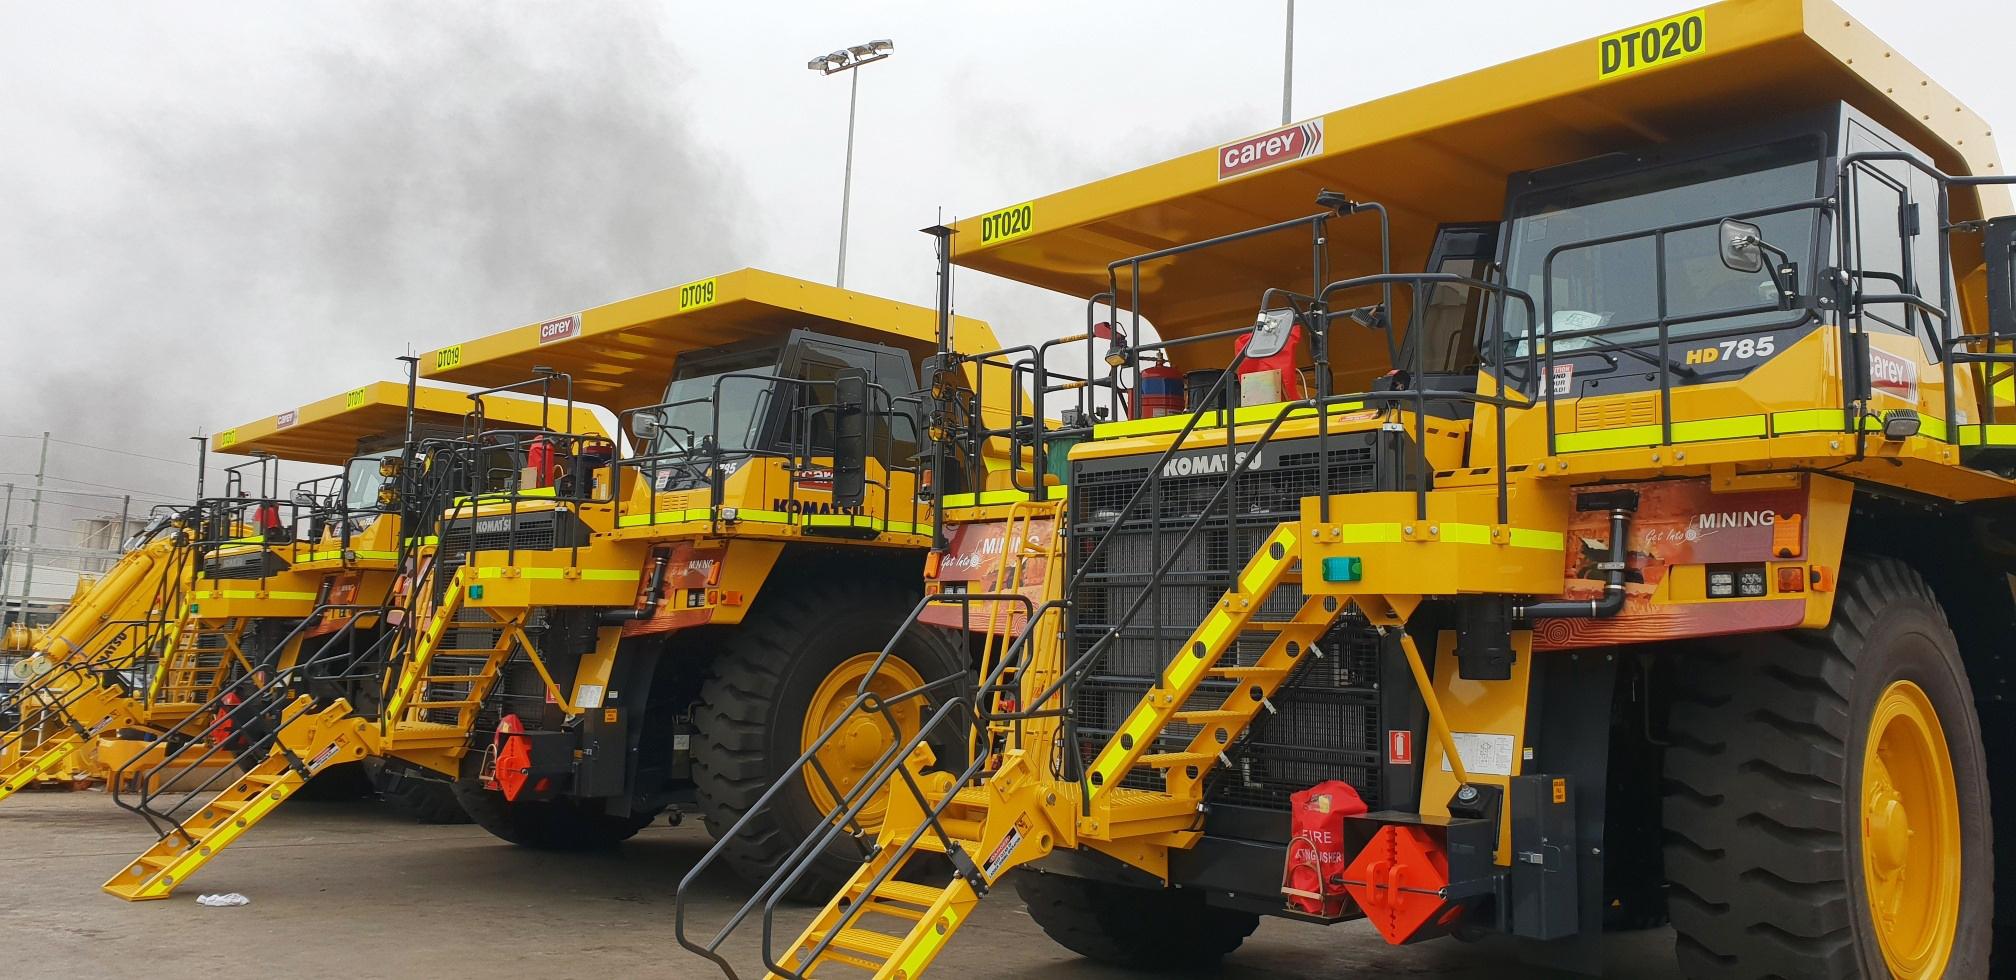 Vehicle signage for Carey Mining fleet